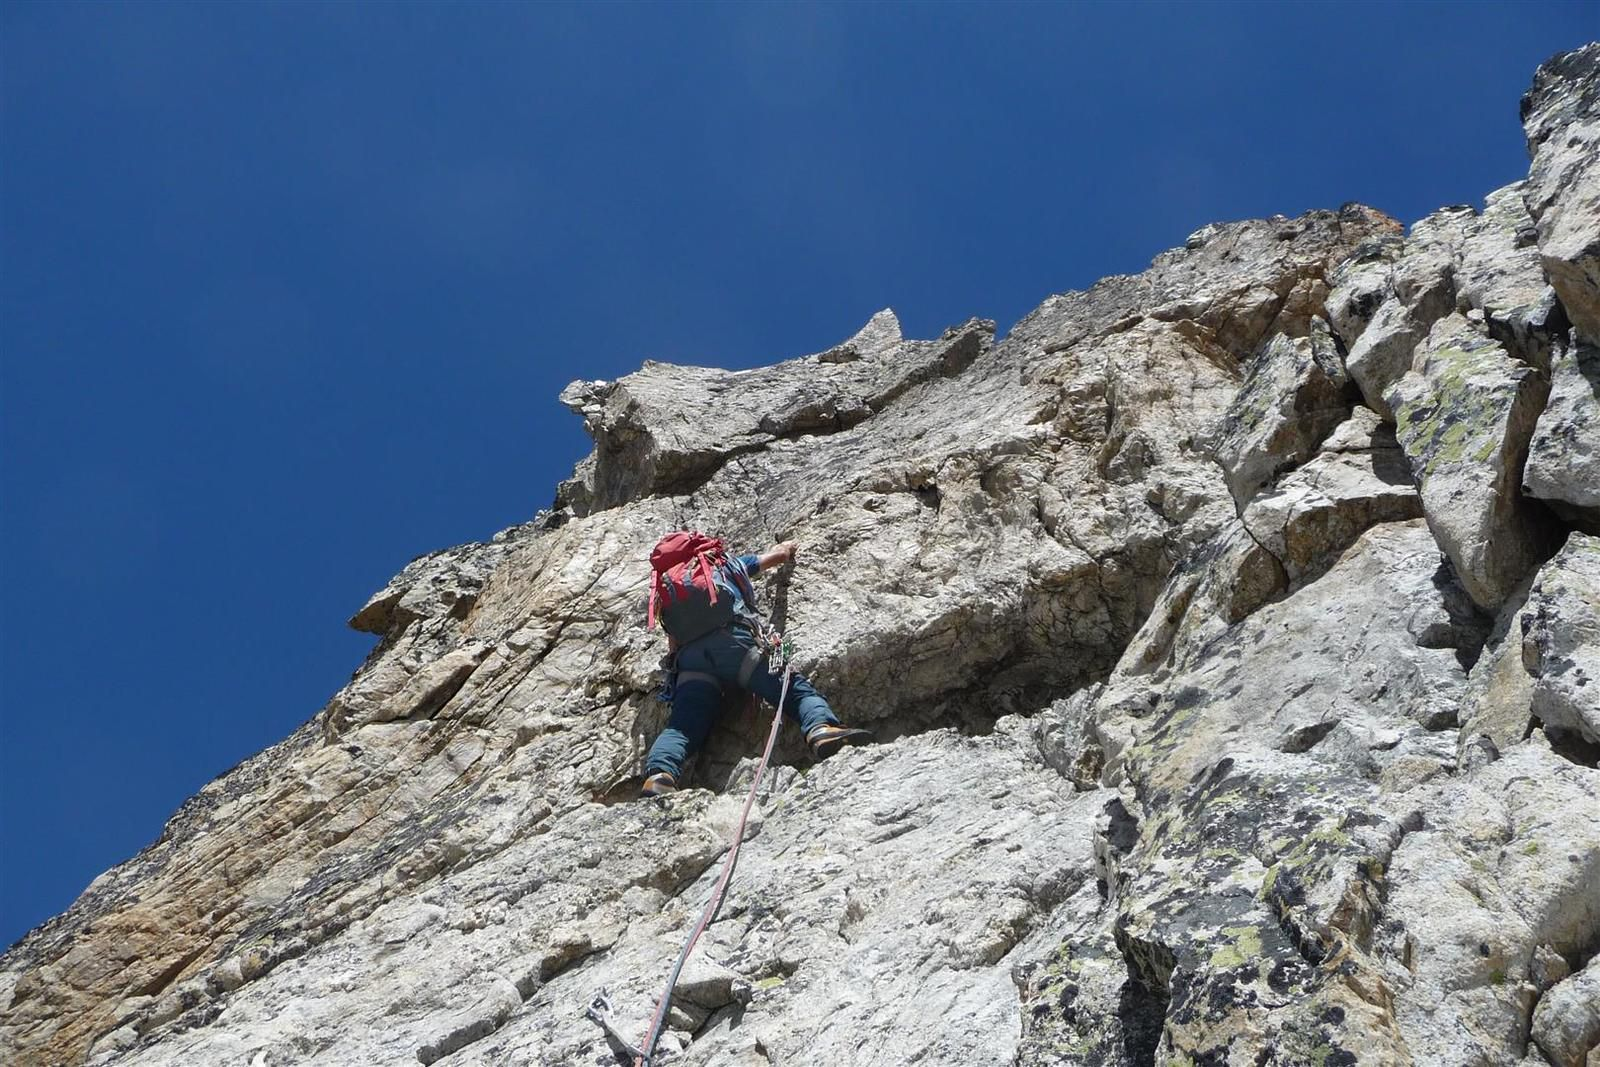 sur les longueurs en 5, beau granite et belle ambiance montagne